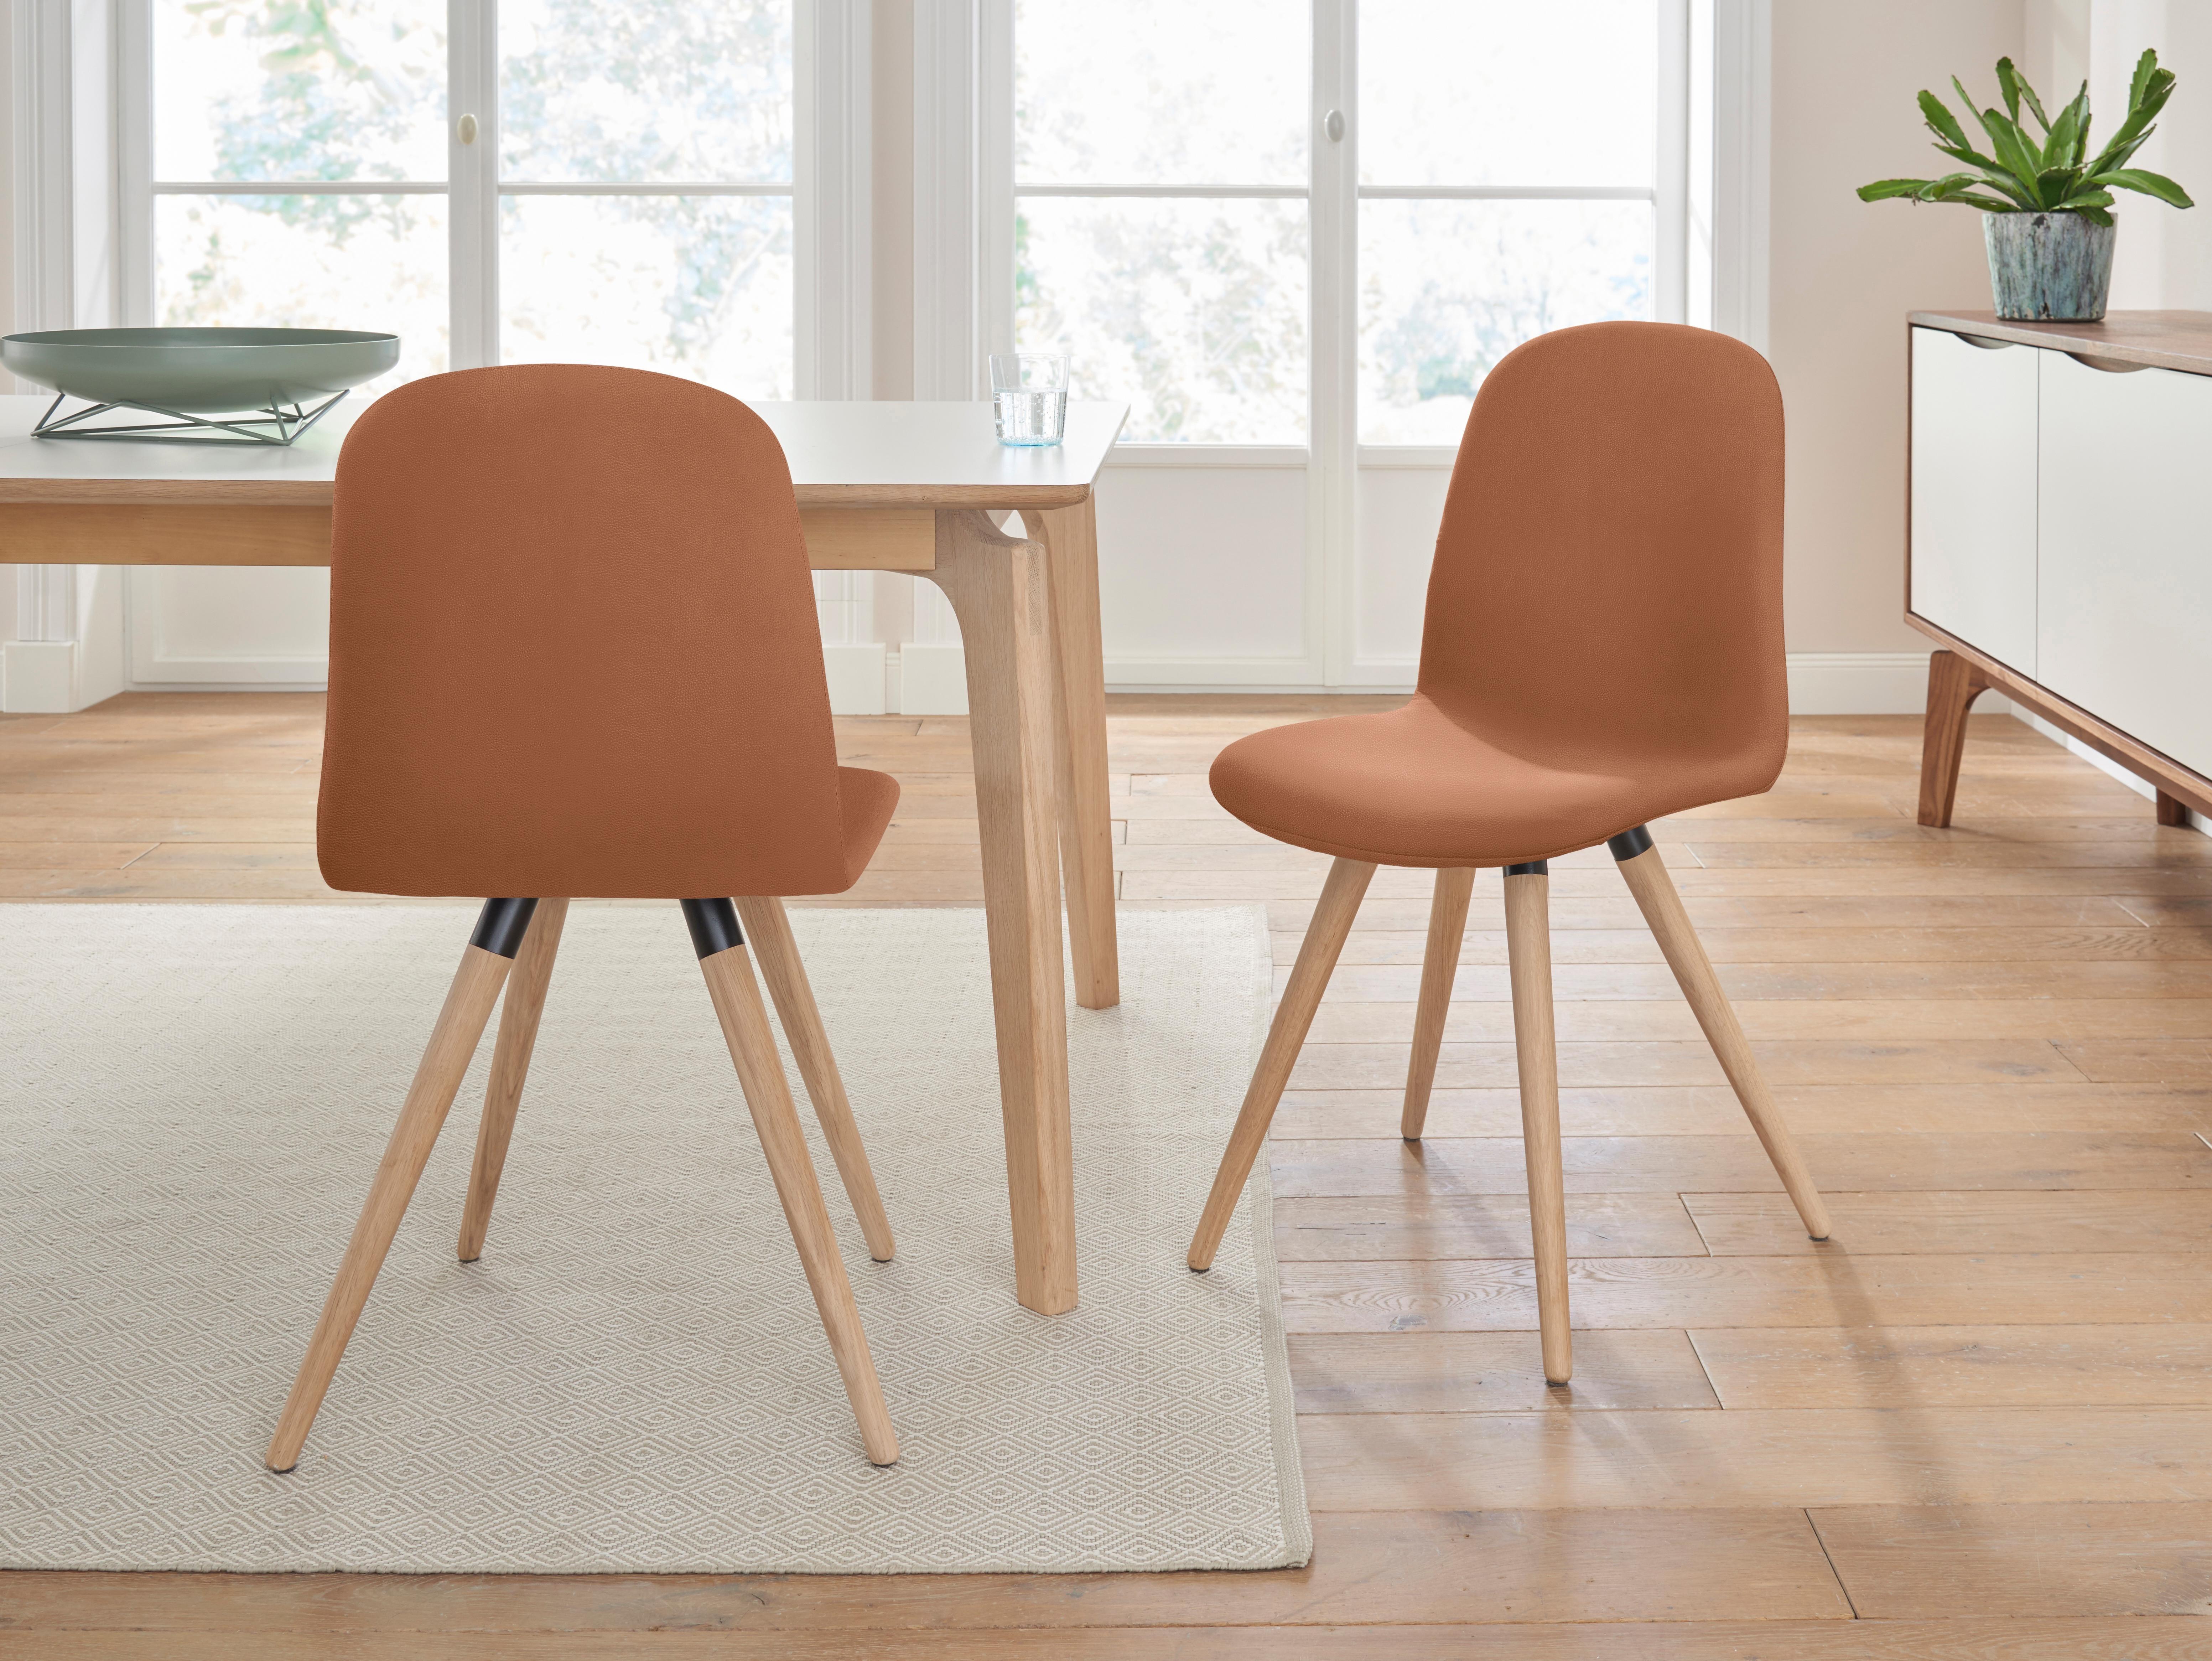 havanna Holzstühle online kaufen | Möbel-Suchmaschine | ladendirekt.de